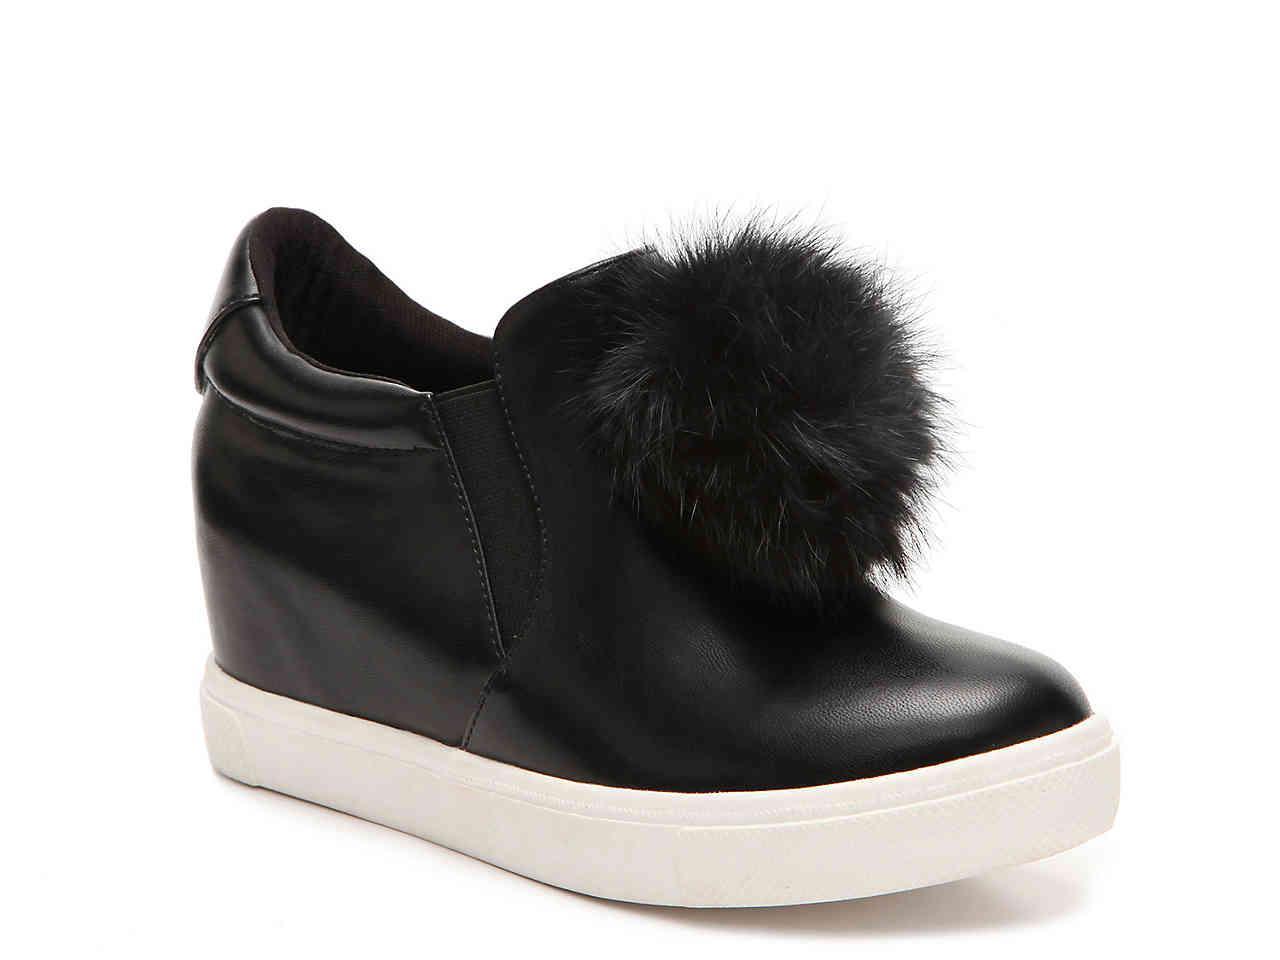 2460a667475 Lyst - Penny Loves Kenny Kick Wedge Sneaker in Black